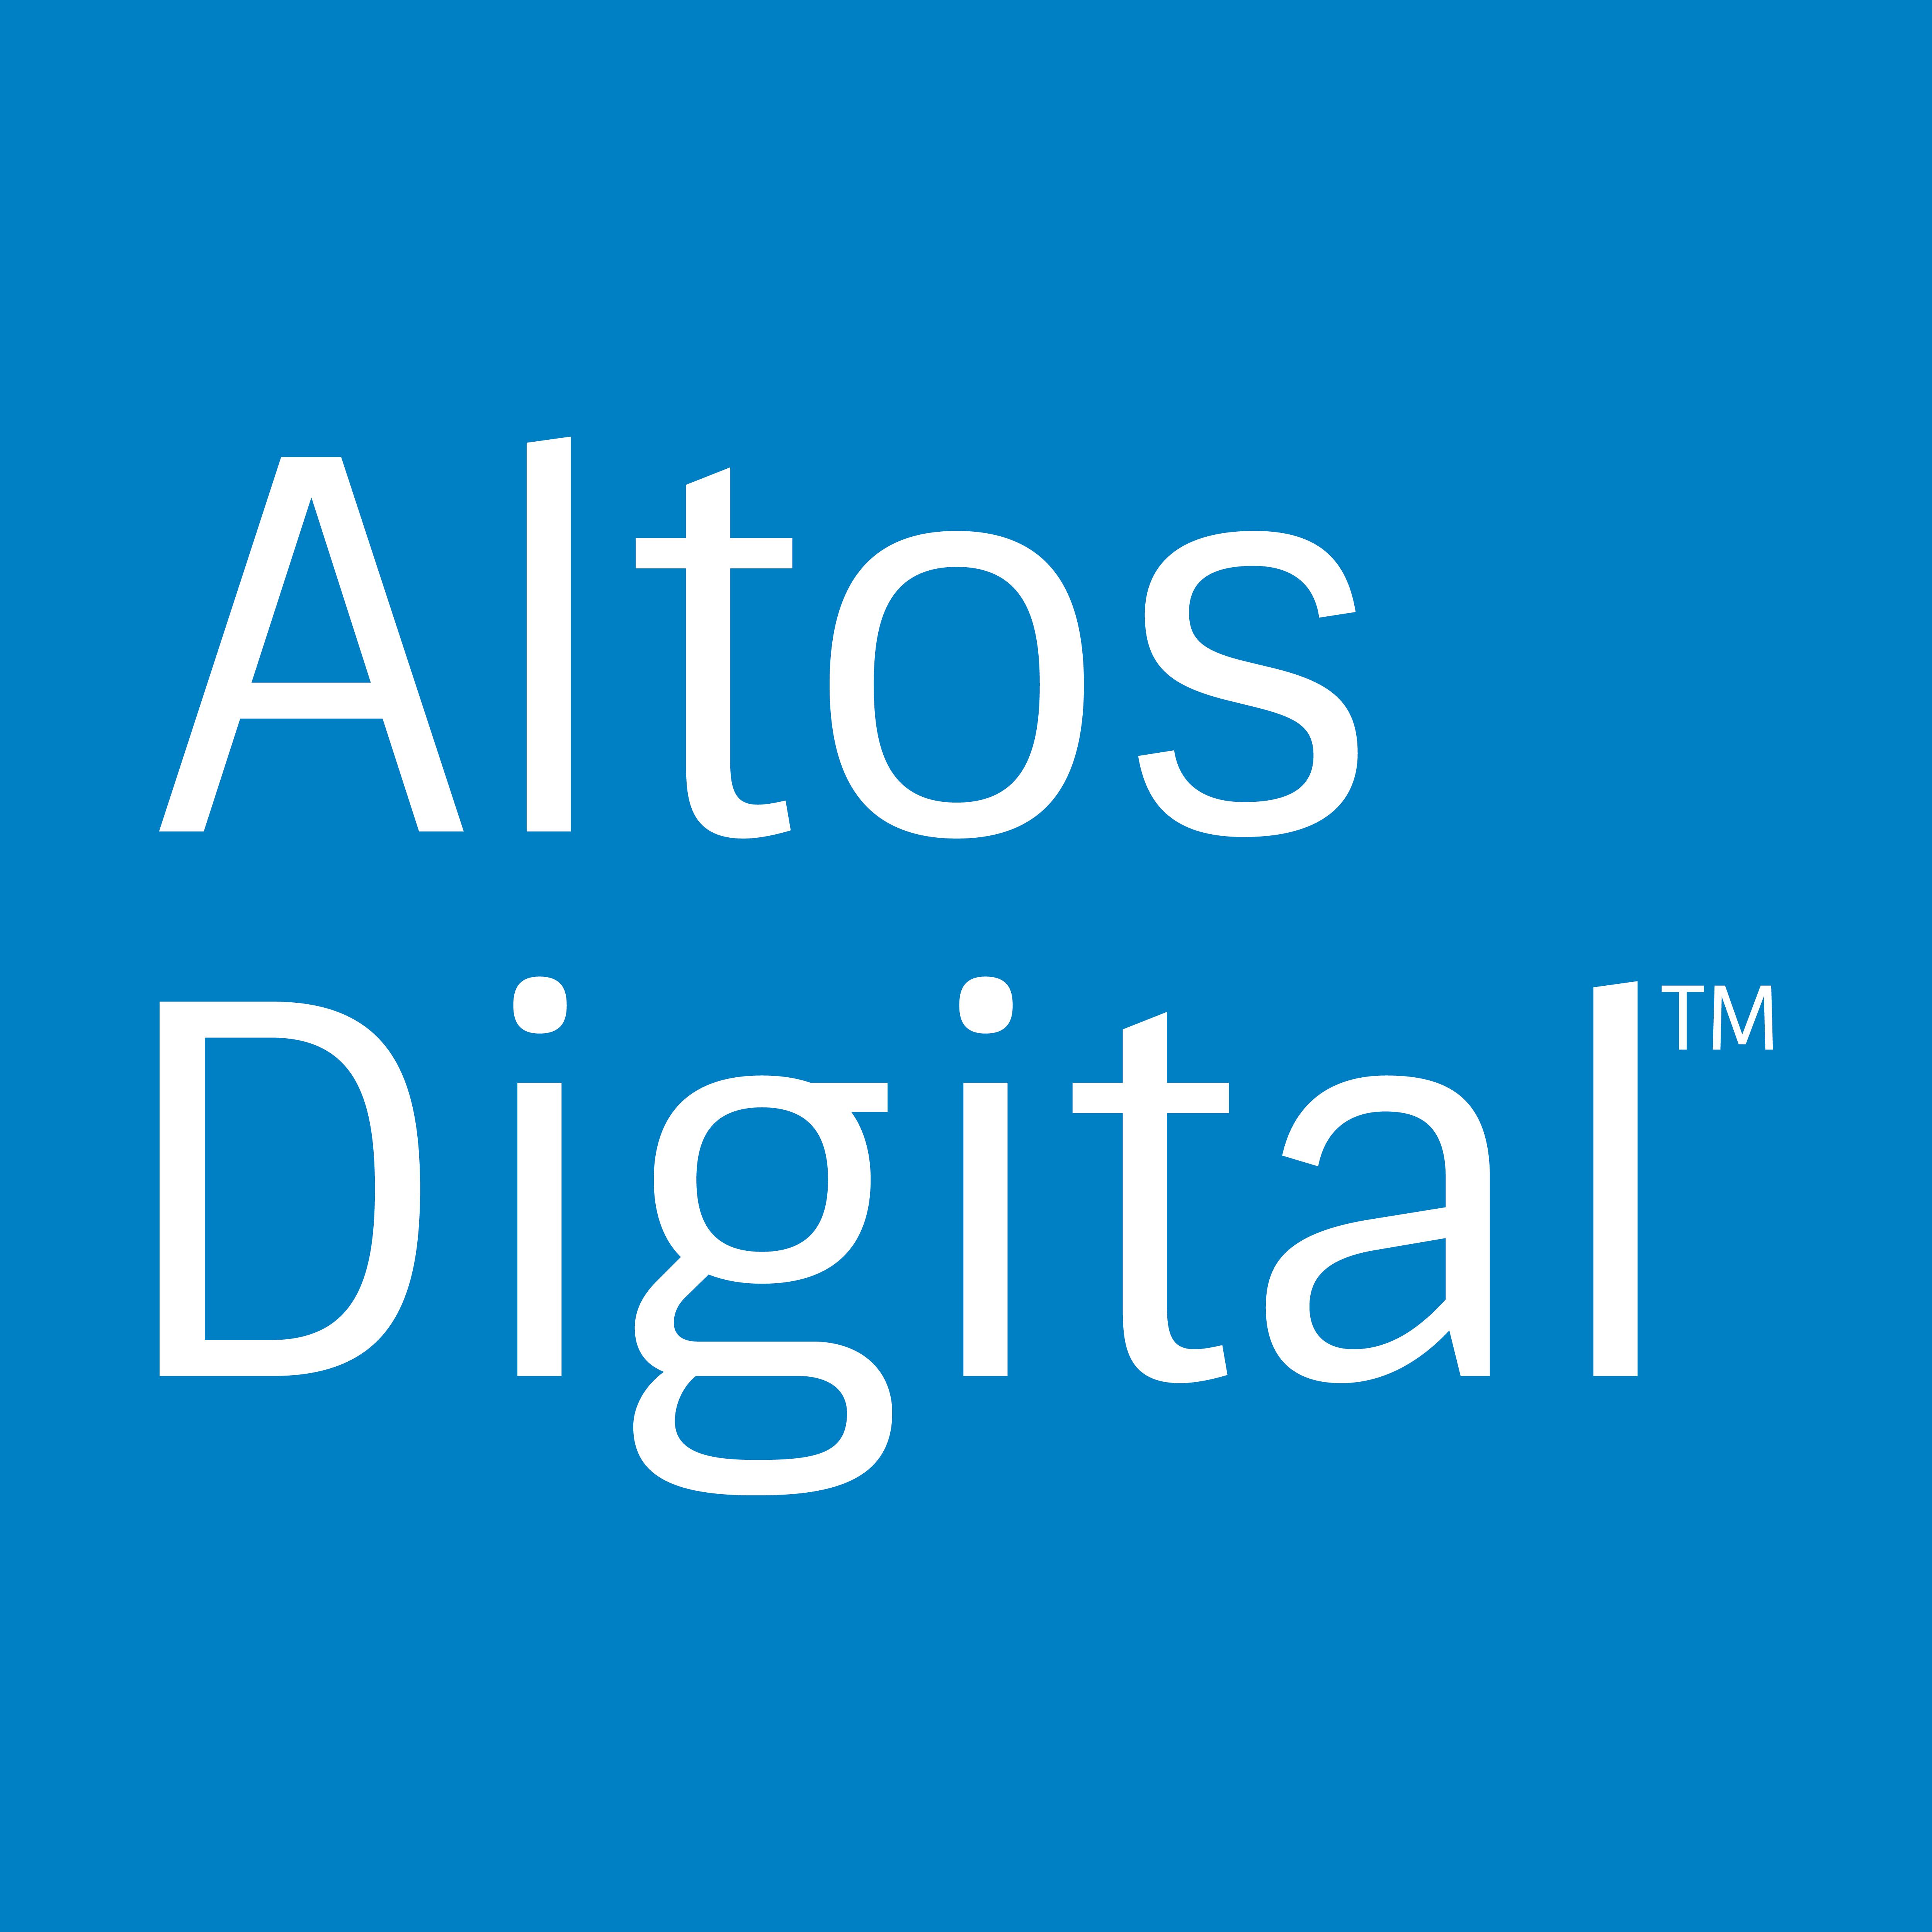 altos-digital-logo.png